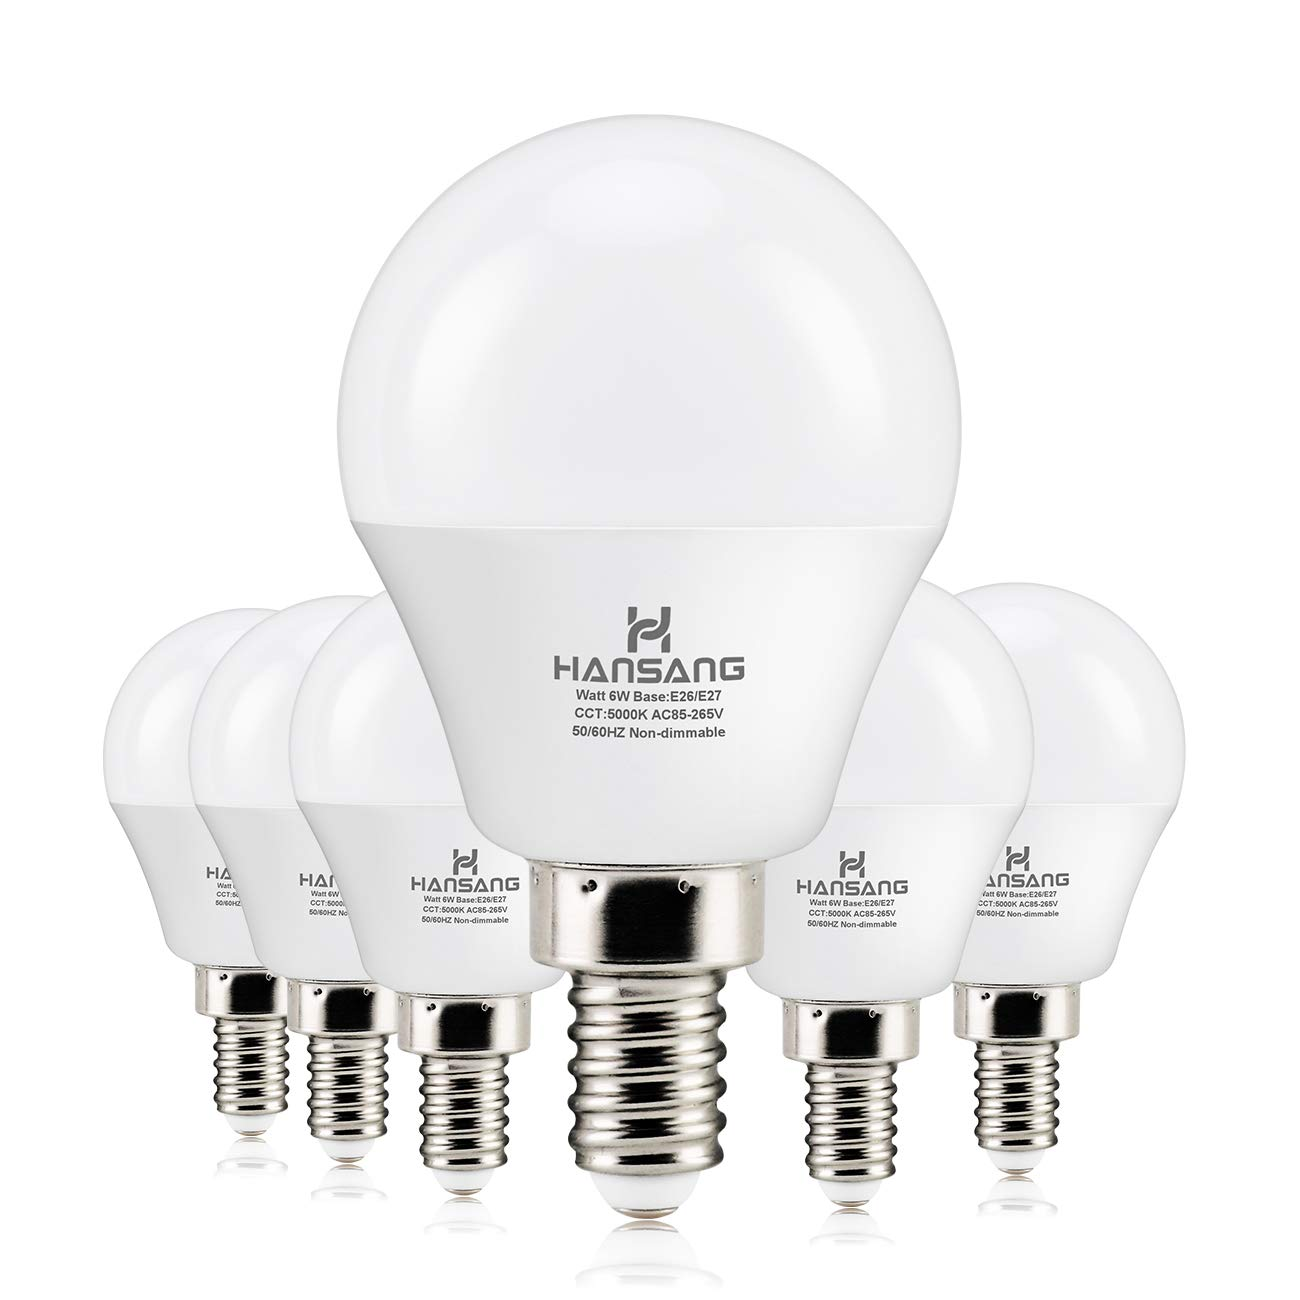 6 watt 60w Equivalent Hansang LED Bulbs Light E12 Screw Base Candelabra Round Bulb 600 Lumen High CRI Daylight 5000K G14 Decorative Bulb Non dimmable for Ceiling Fan 120V Pack of 6 Daylight 5000K